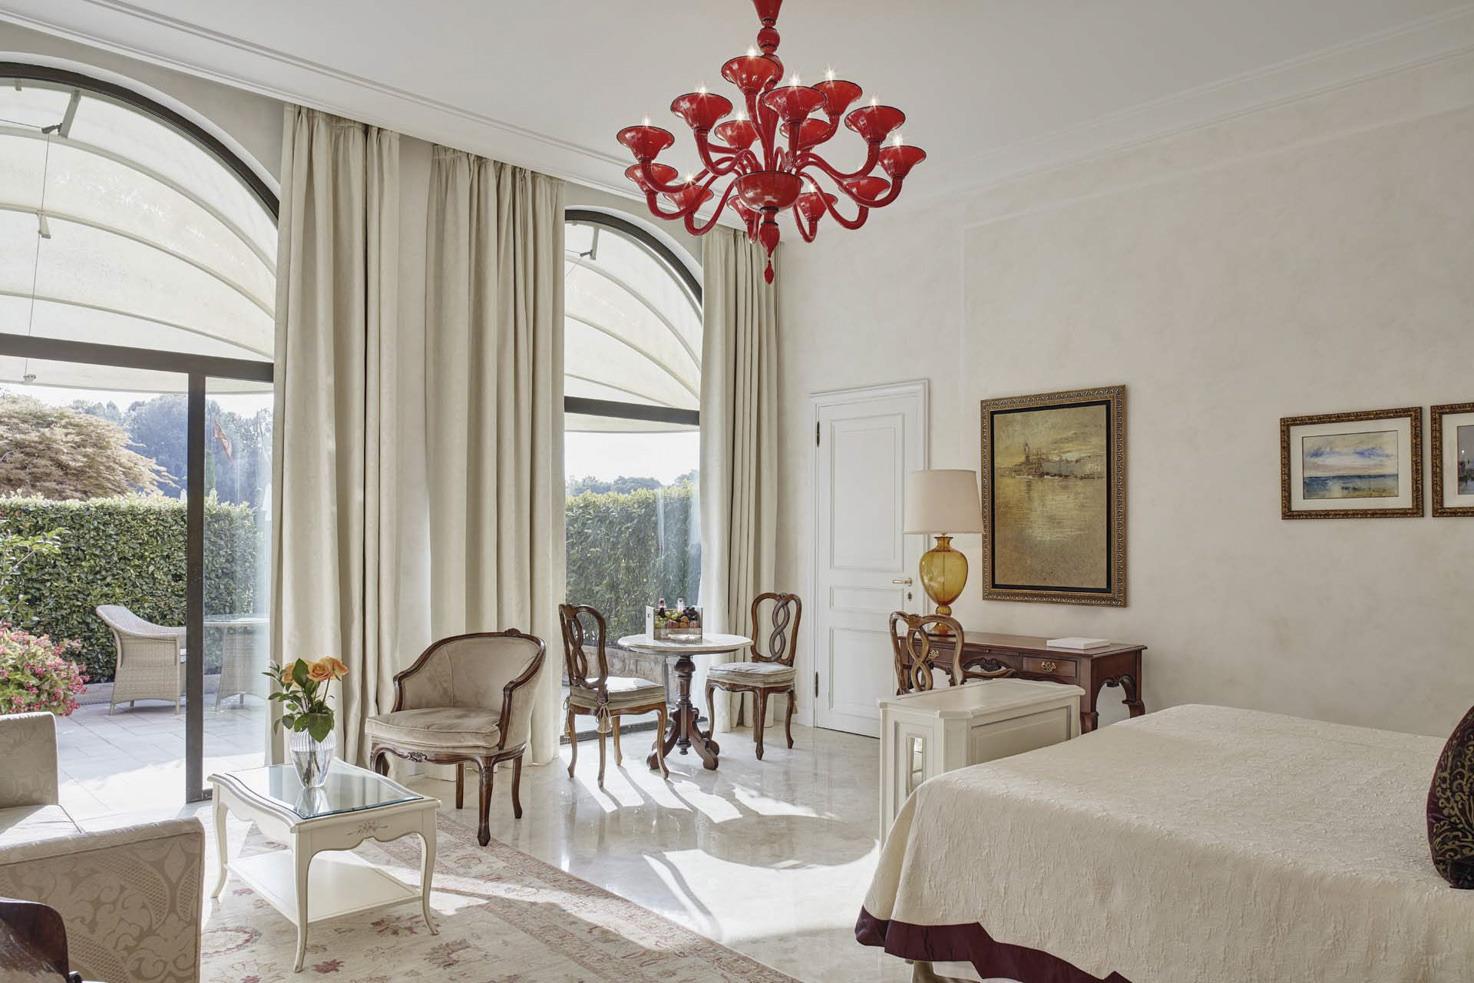 Accommodation at Belmond Hotel Cipriani